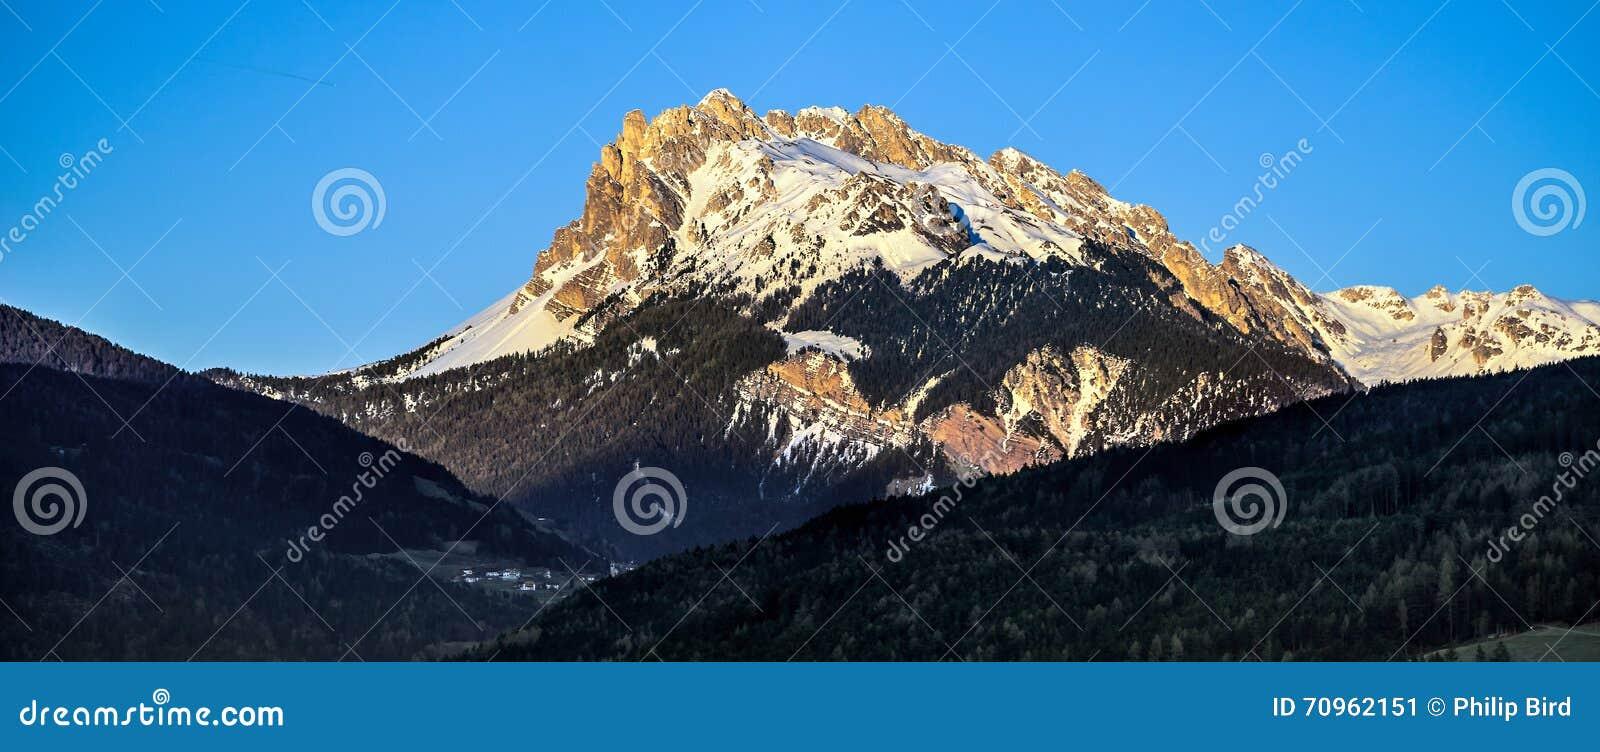 VILLANDERS, SÜD-TYROL/ITALY - 26. MÄRZ: Ansicht der Dolomit